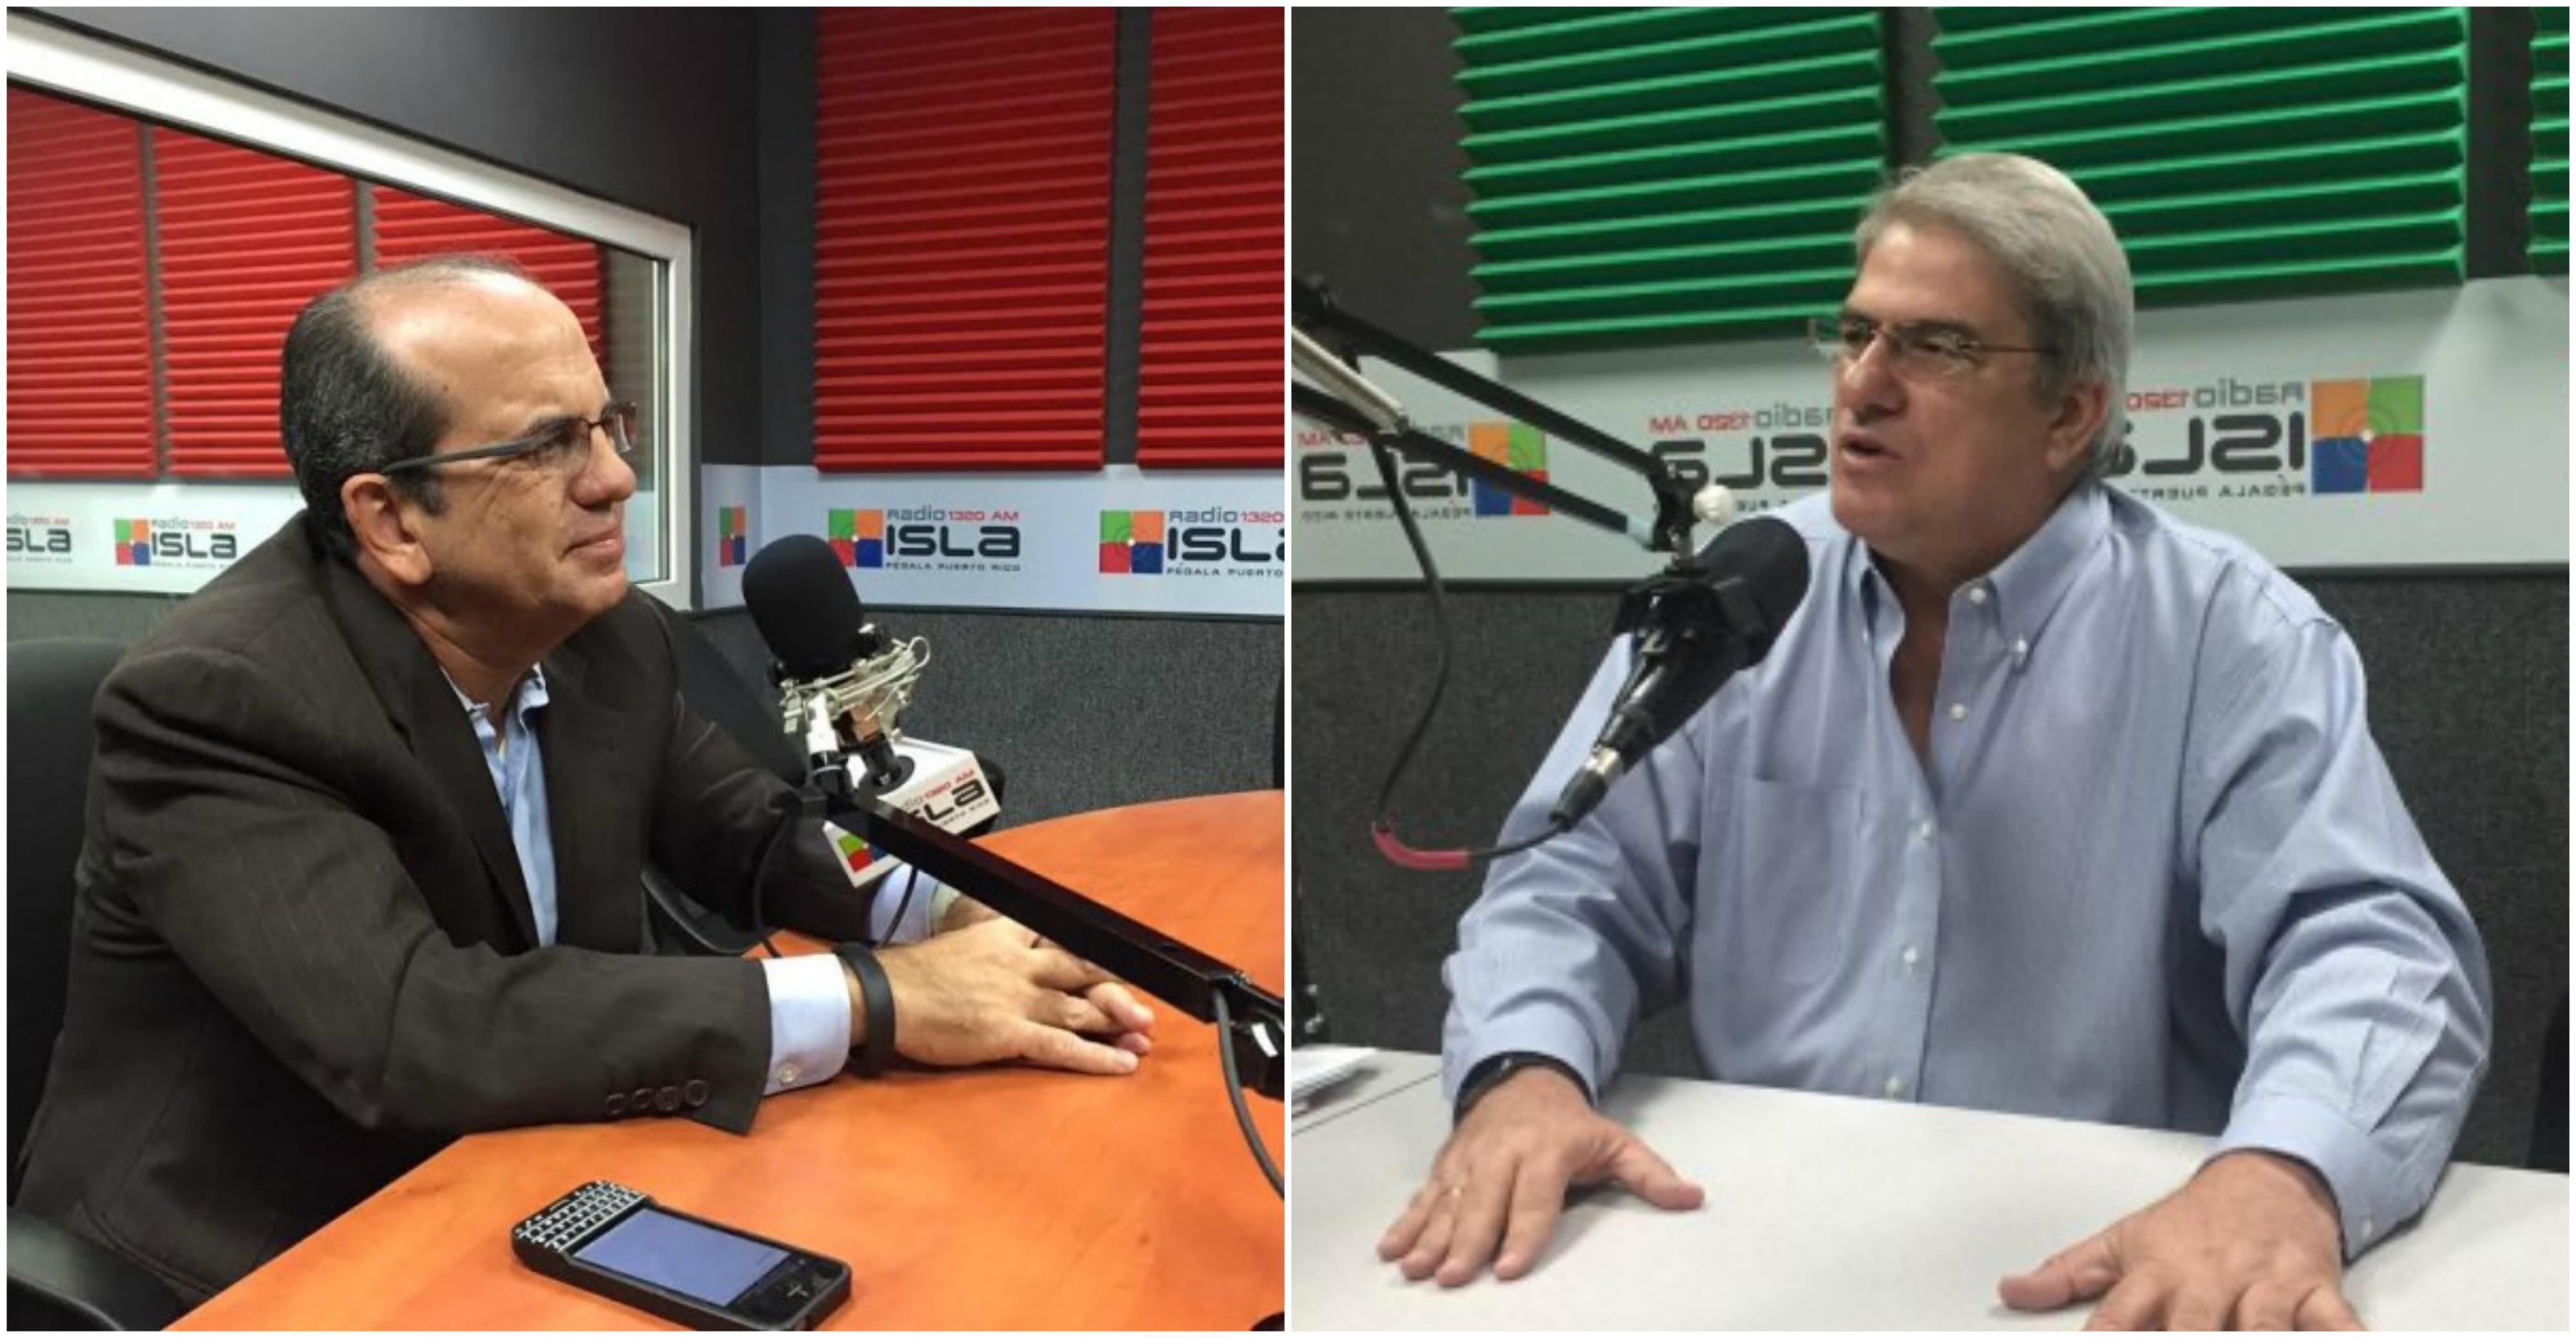 Aníbal Acevedo Vilá Y Carlos Pesquera Se Unen A La Familia De Radio